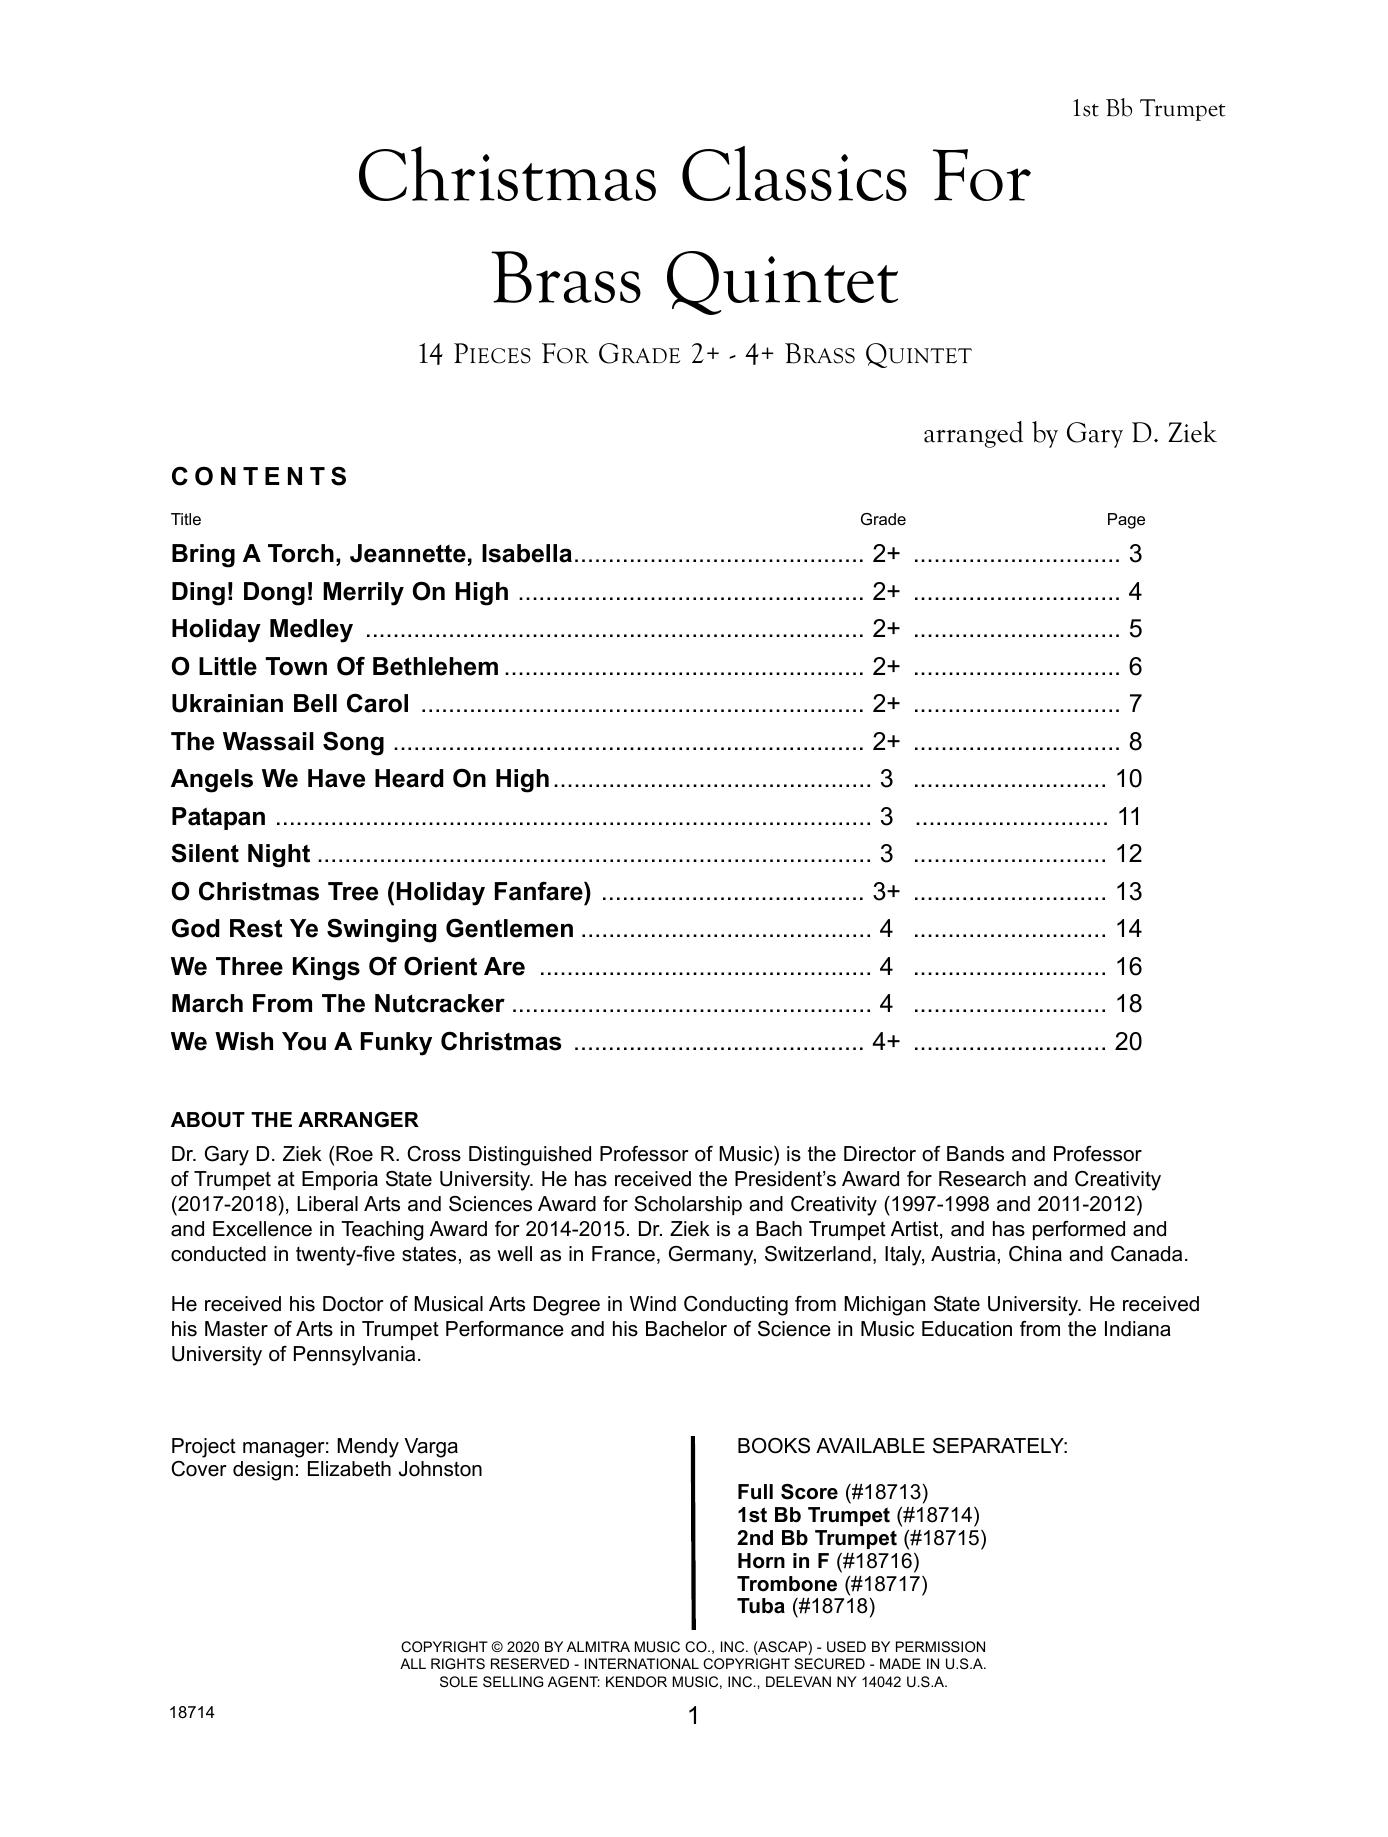 Christmas Classics For Brass Quintet - 1st Bb Trumpet Sheet Music